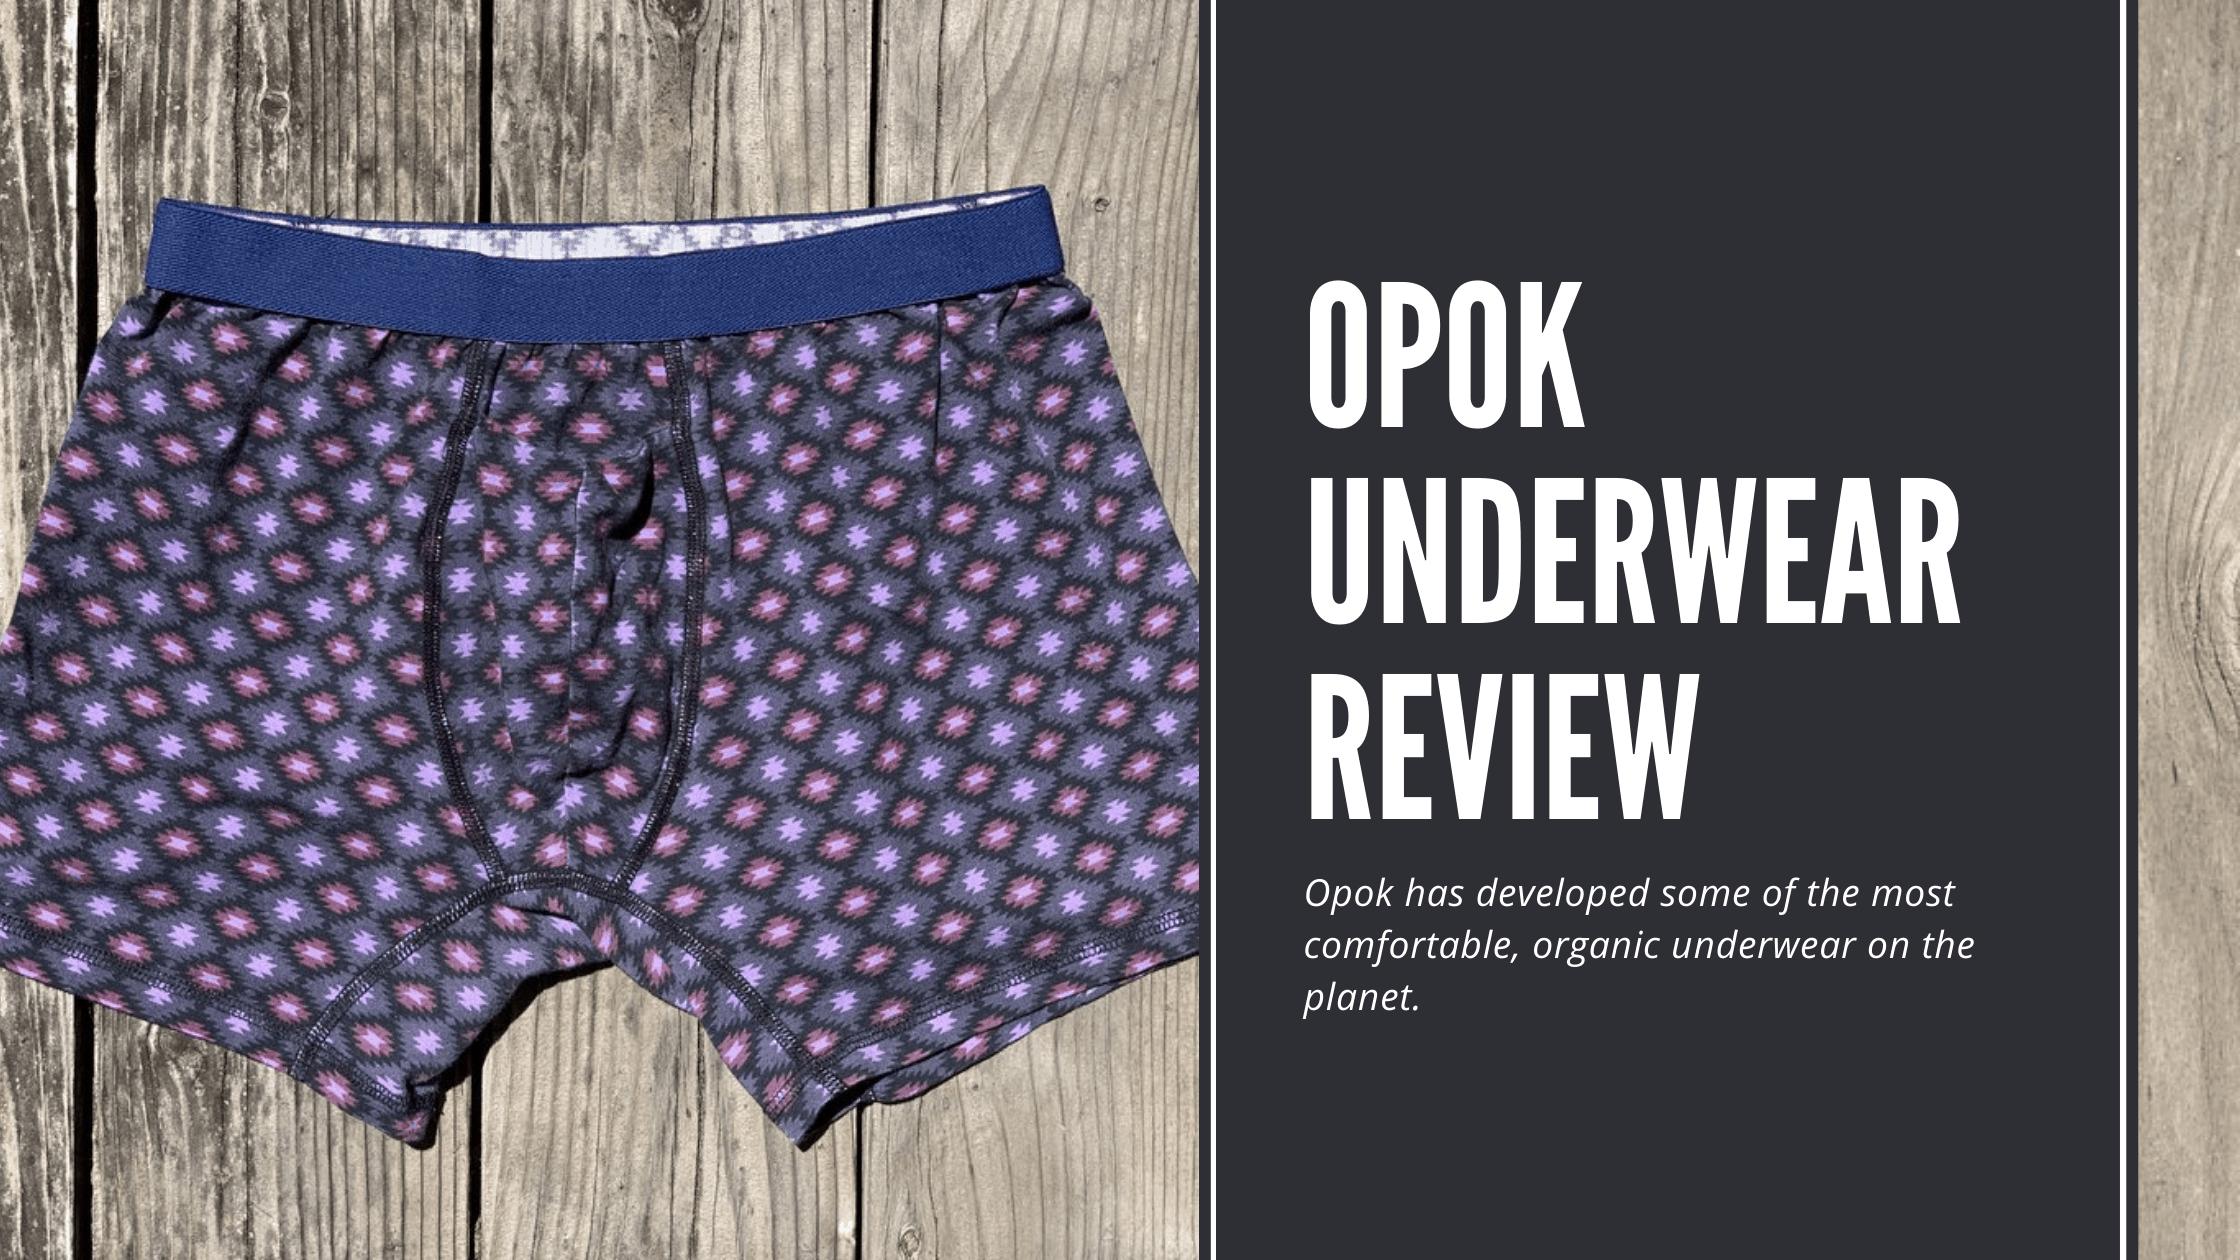 Dudefluencer: Opok Underwear Review